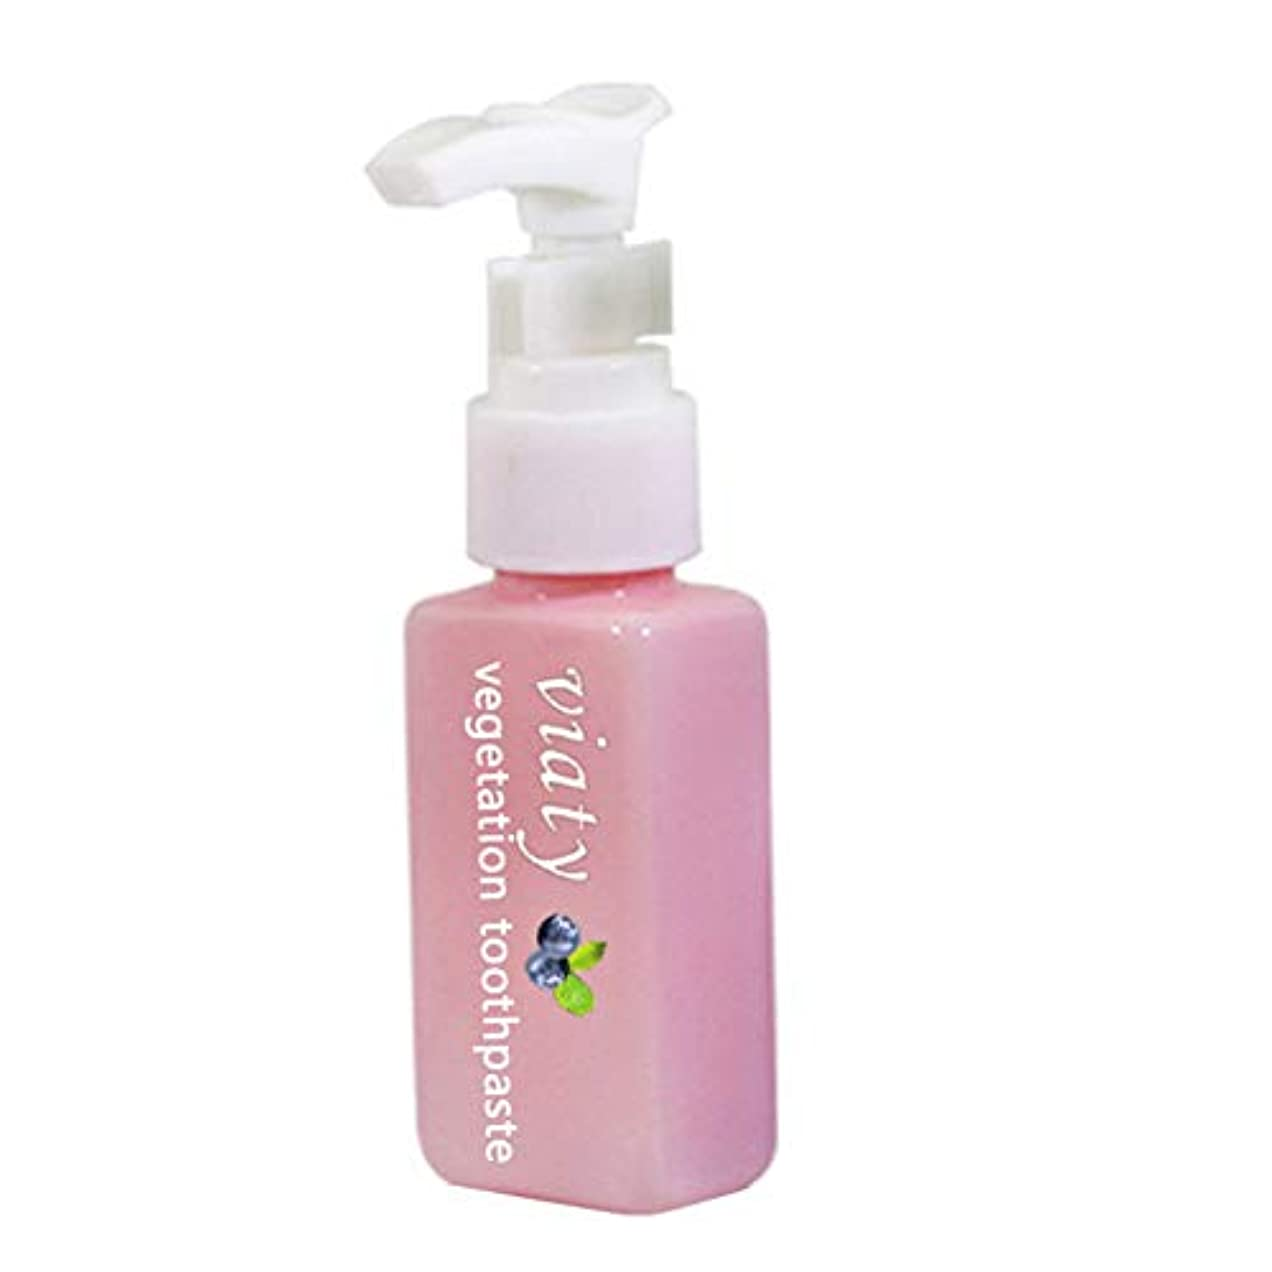 土クローン狂ったProfeel歯磨き粉アンチブリードガムプレスタイプ新鮮な歯磨き粉を白くする汚れ除去剤